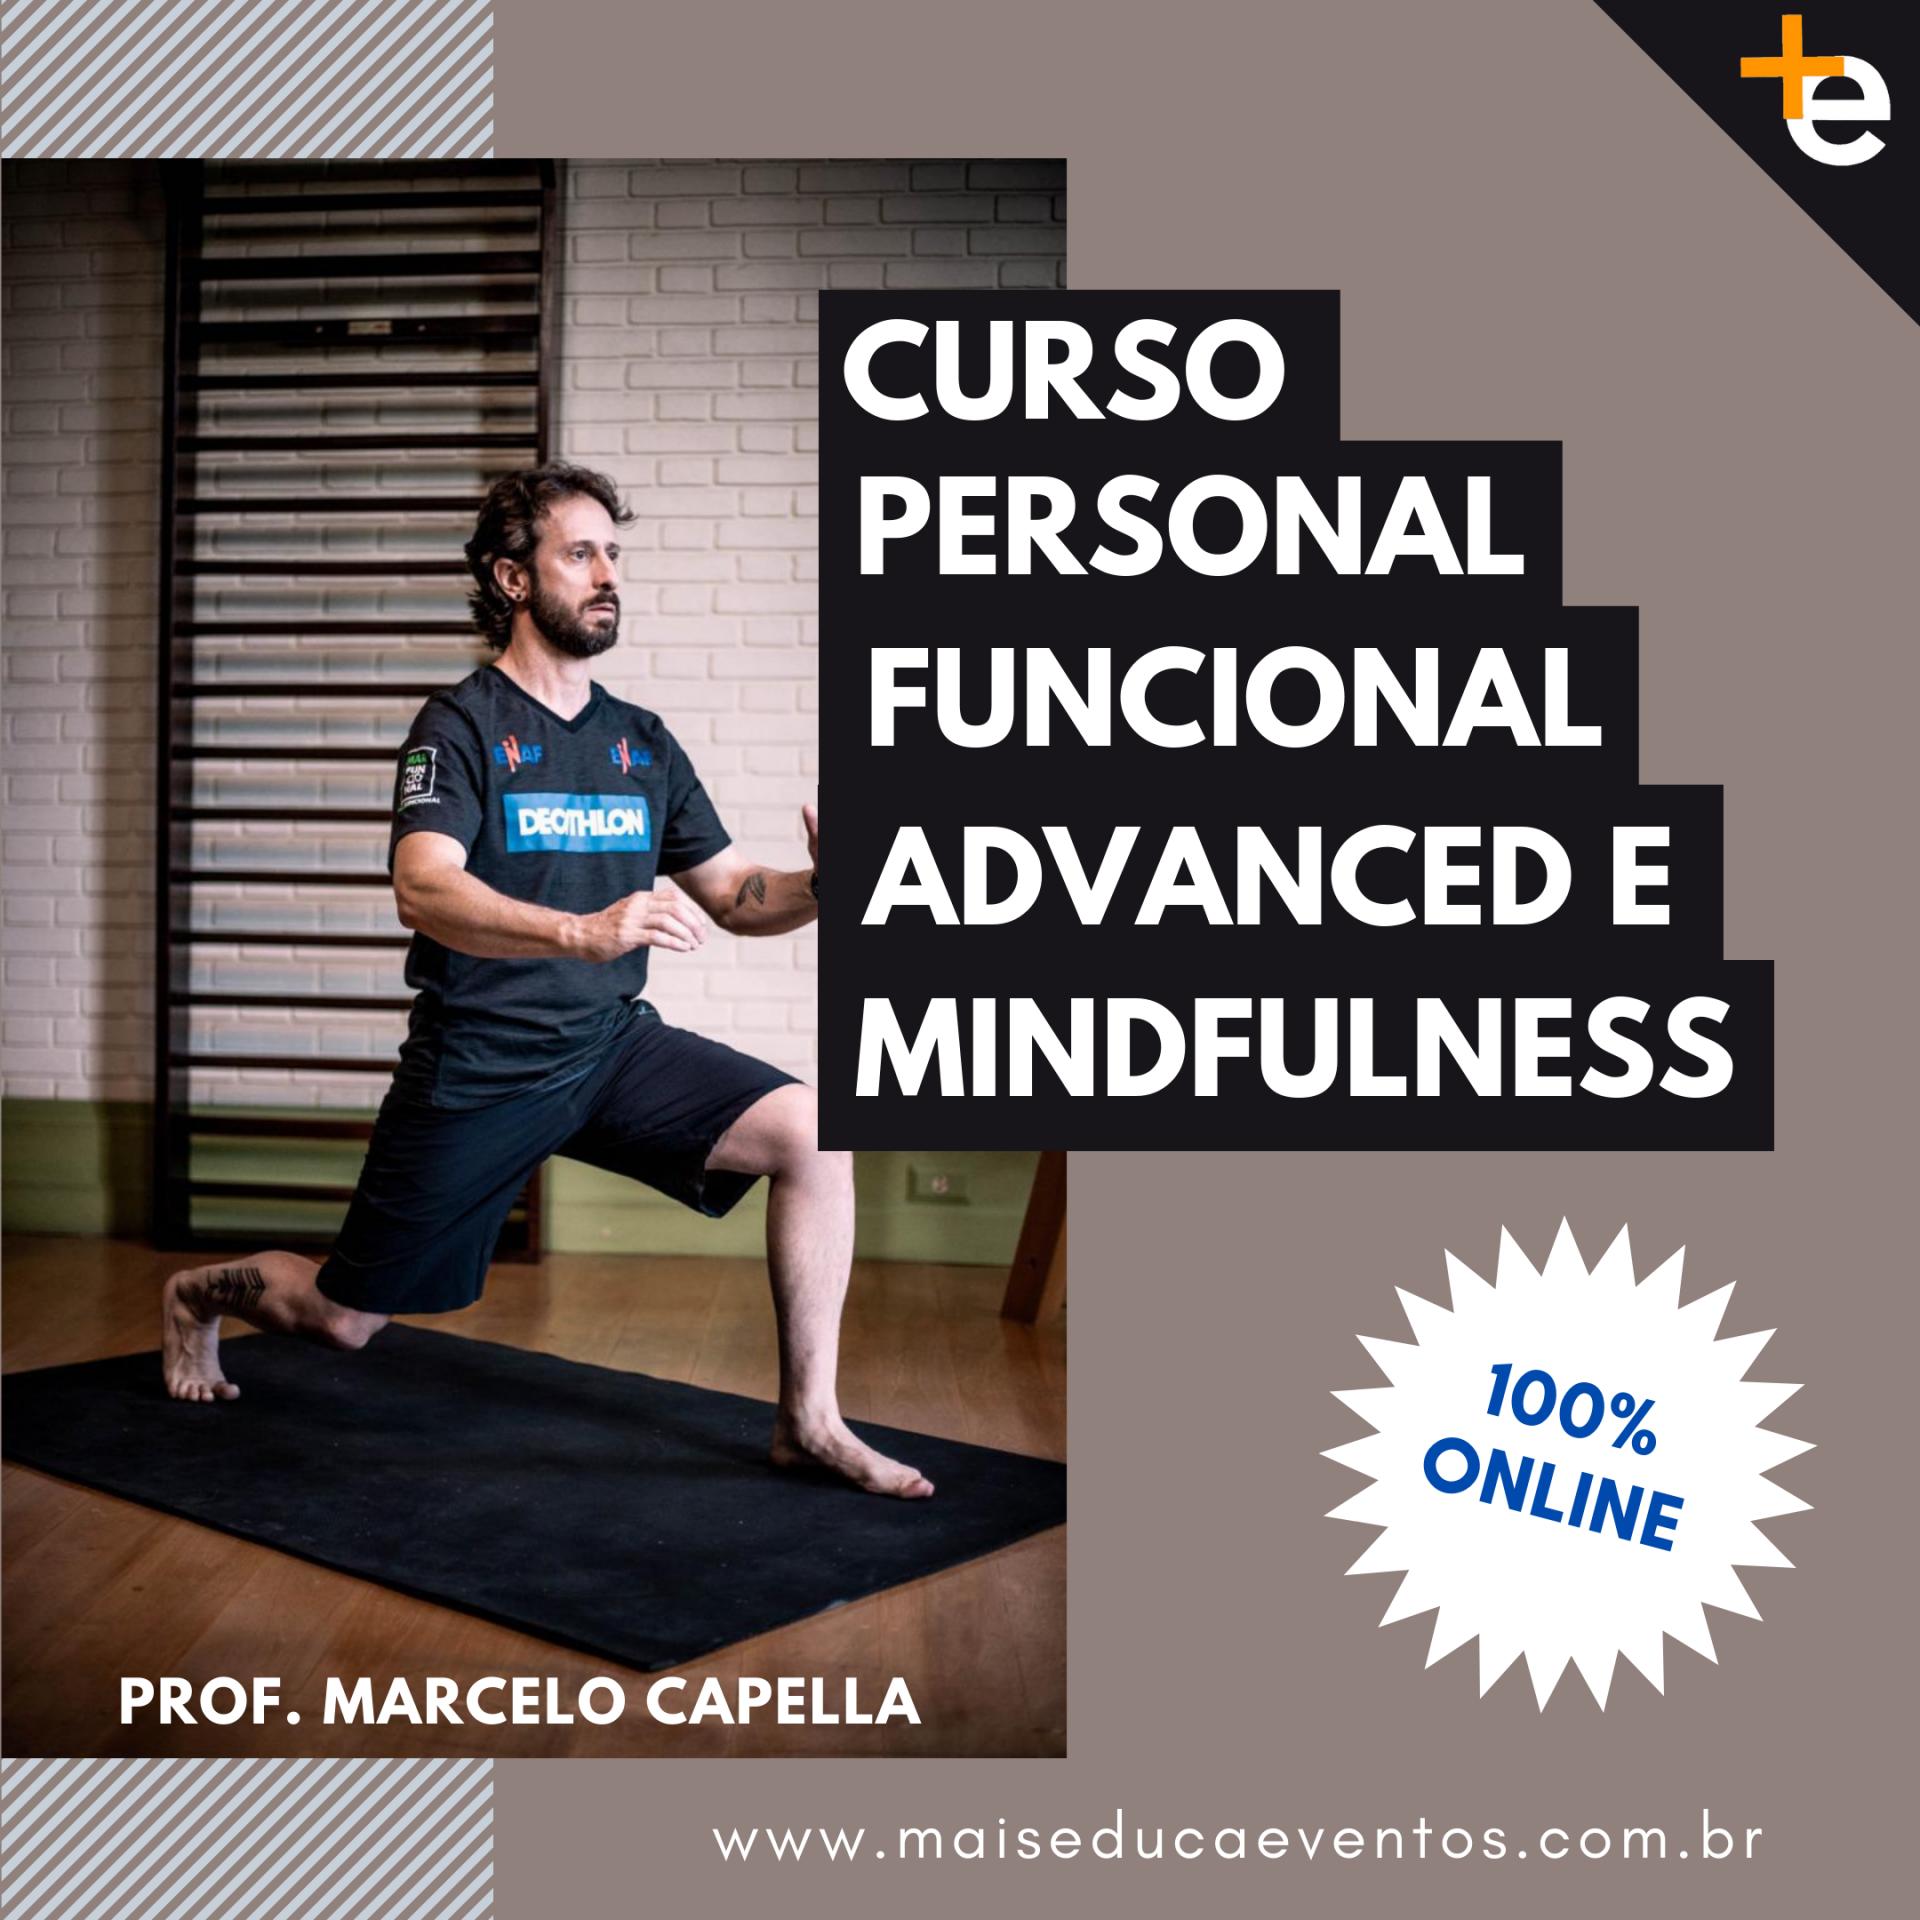 CURSO PERSONAL FUNCIONAL ADVANCED DE MINDFULNESS